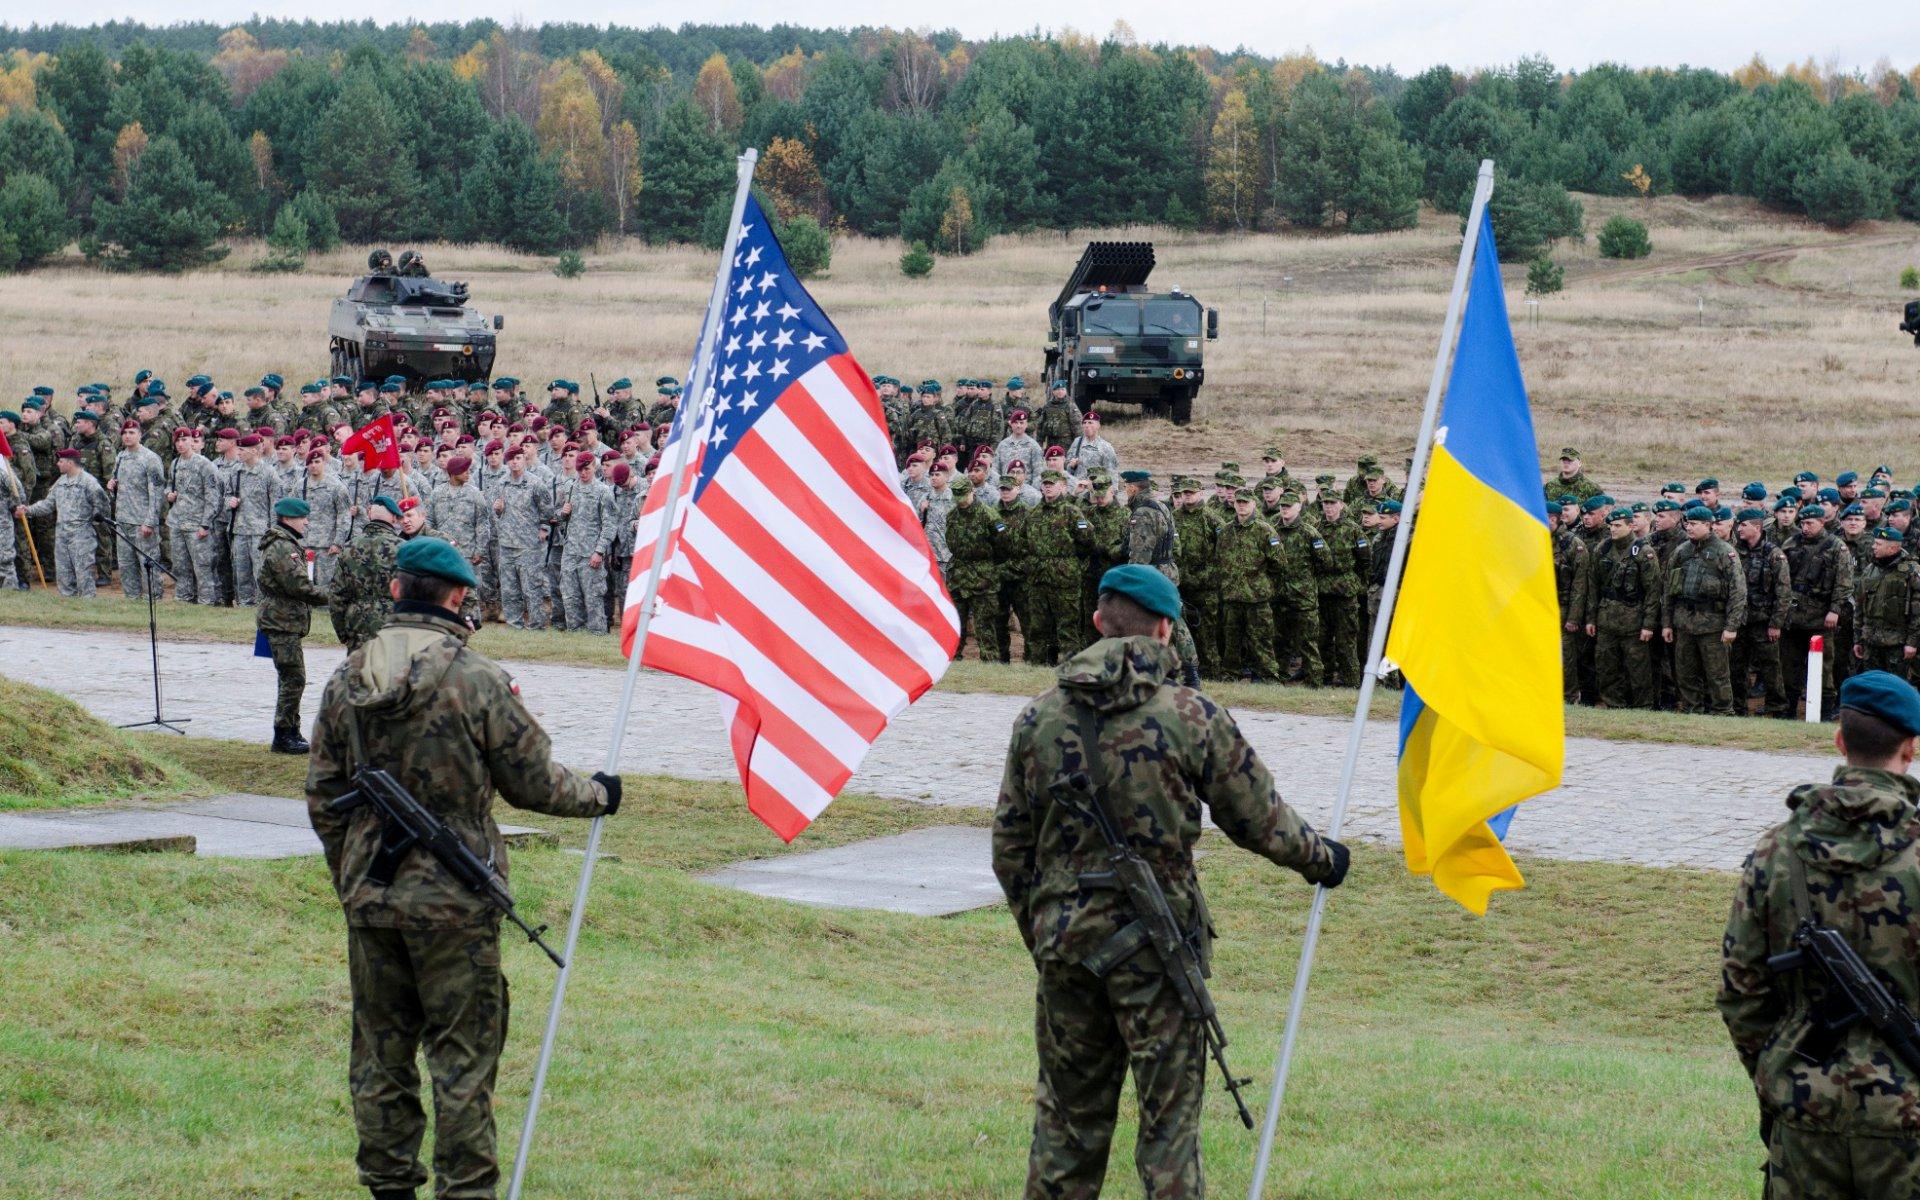 Soldi, armi e mercenari per realizzare il progetto statunitense in Ucraina